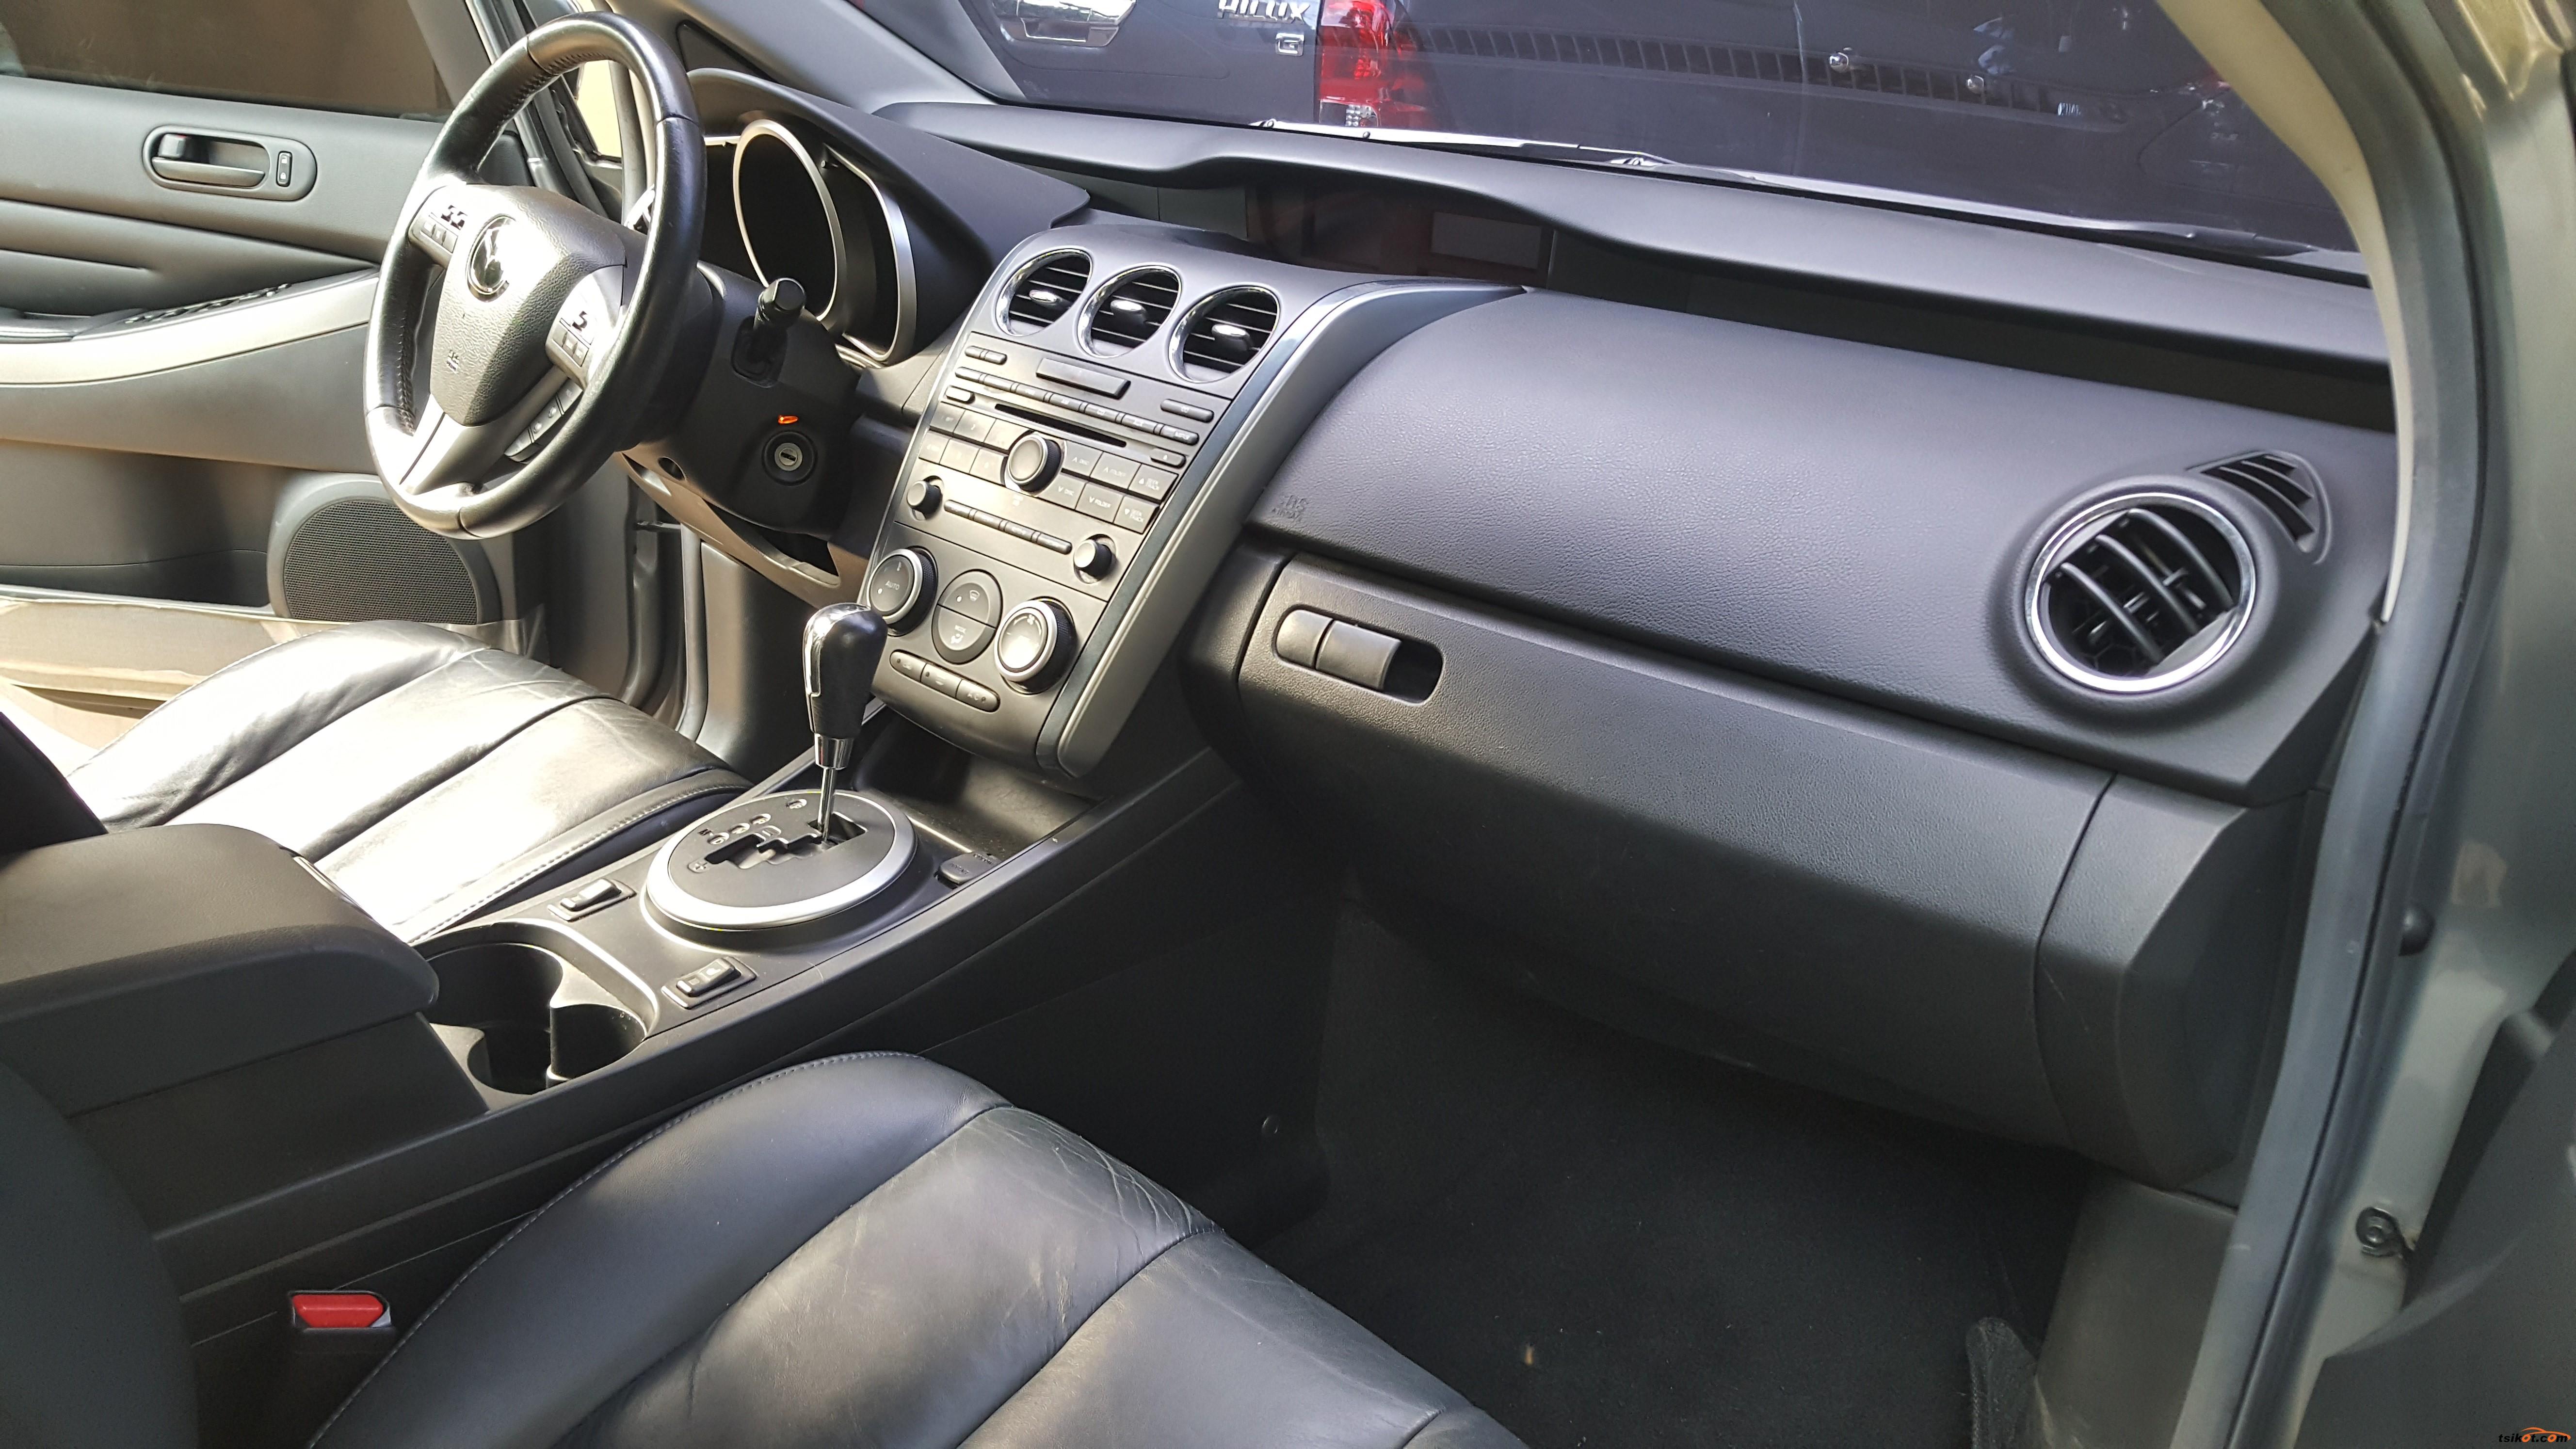 Mazda Cx-7 2010 - 6